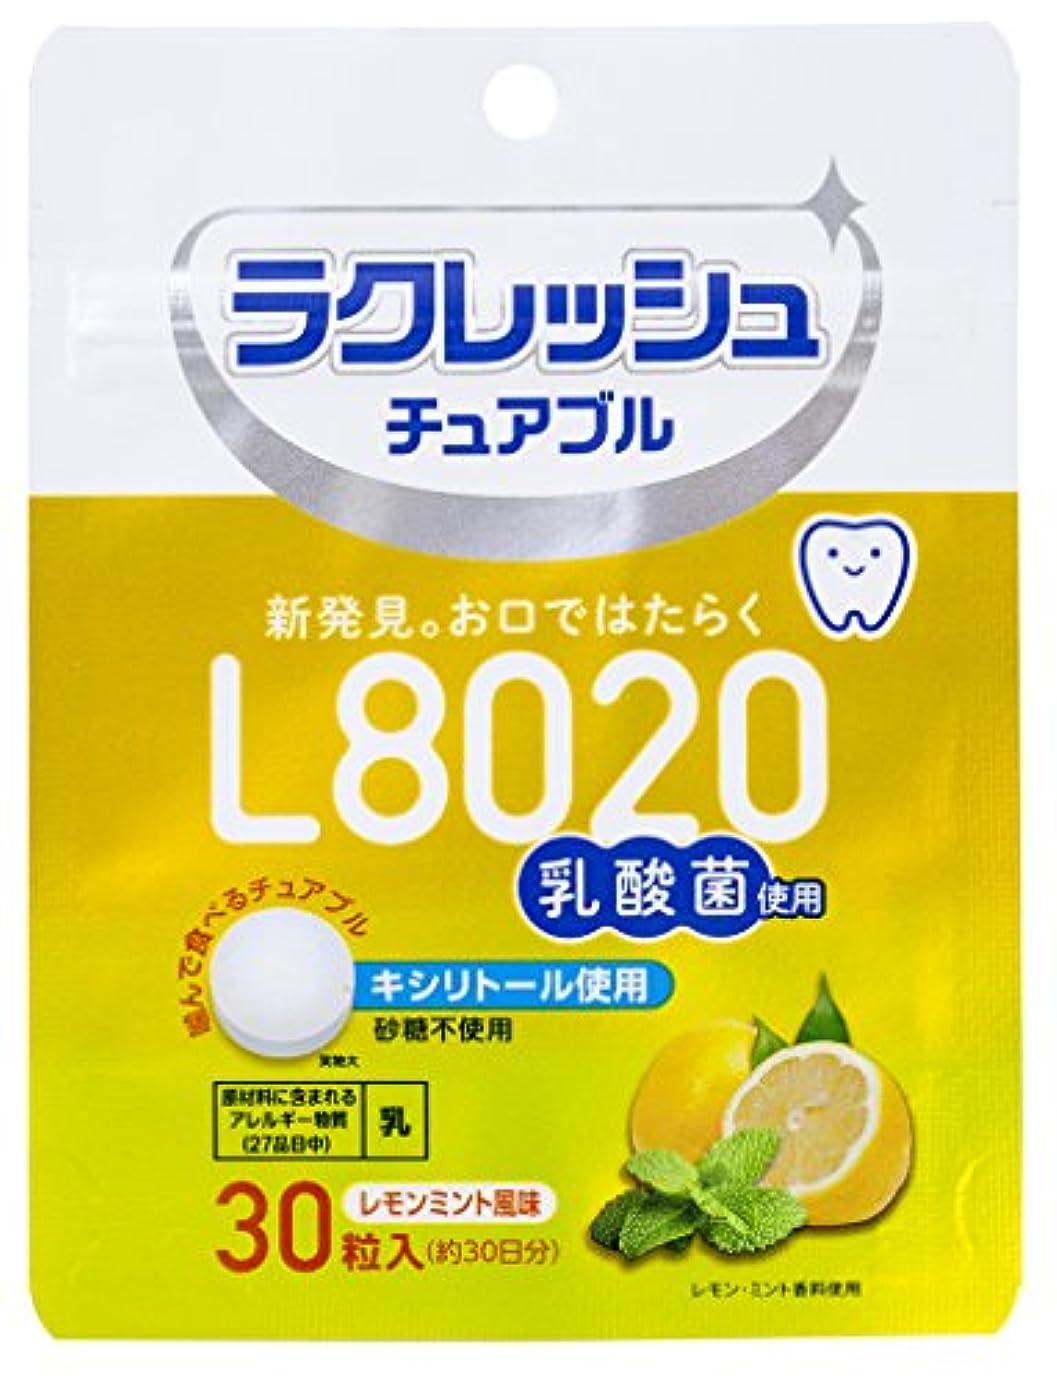 胸お母さんペグラクレッシュ L8020 乳酸菌 チュアブル レモンミント風味 オーラルケア 30粒入